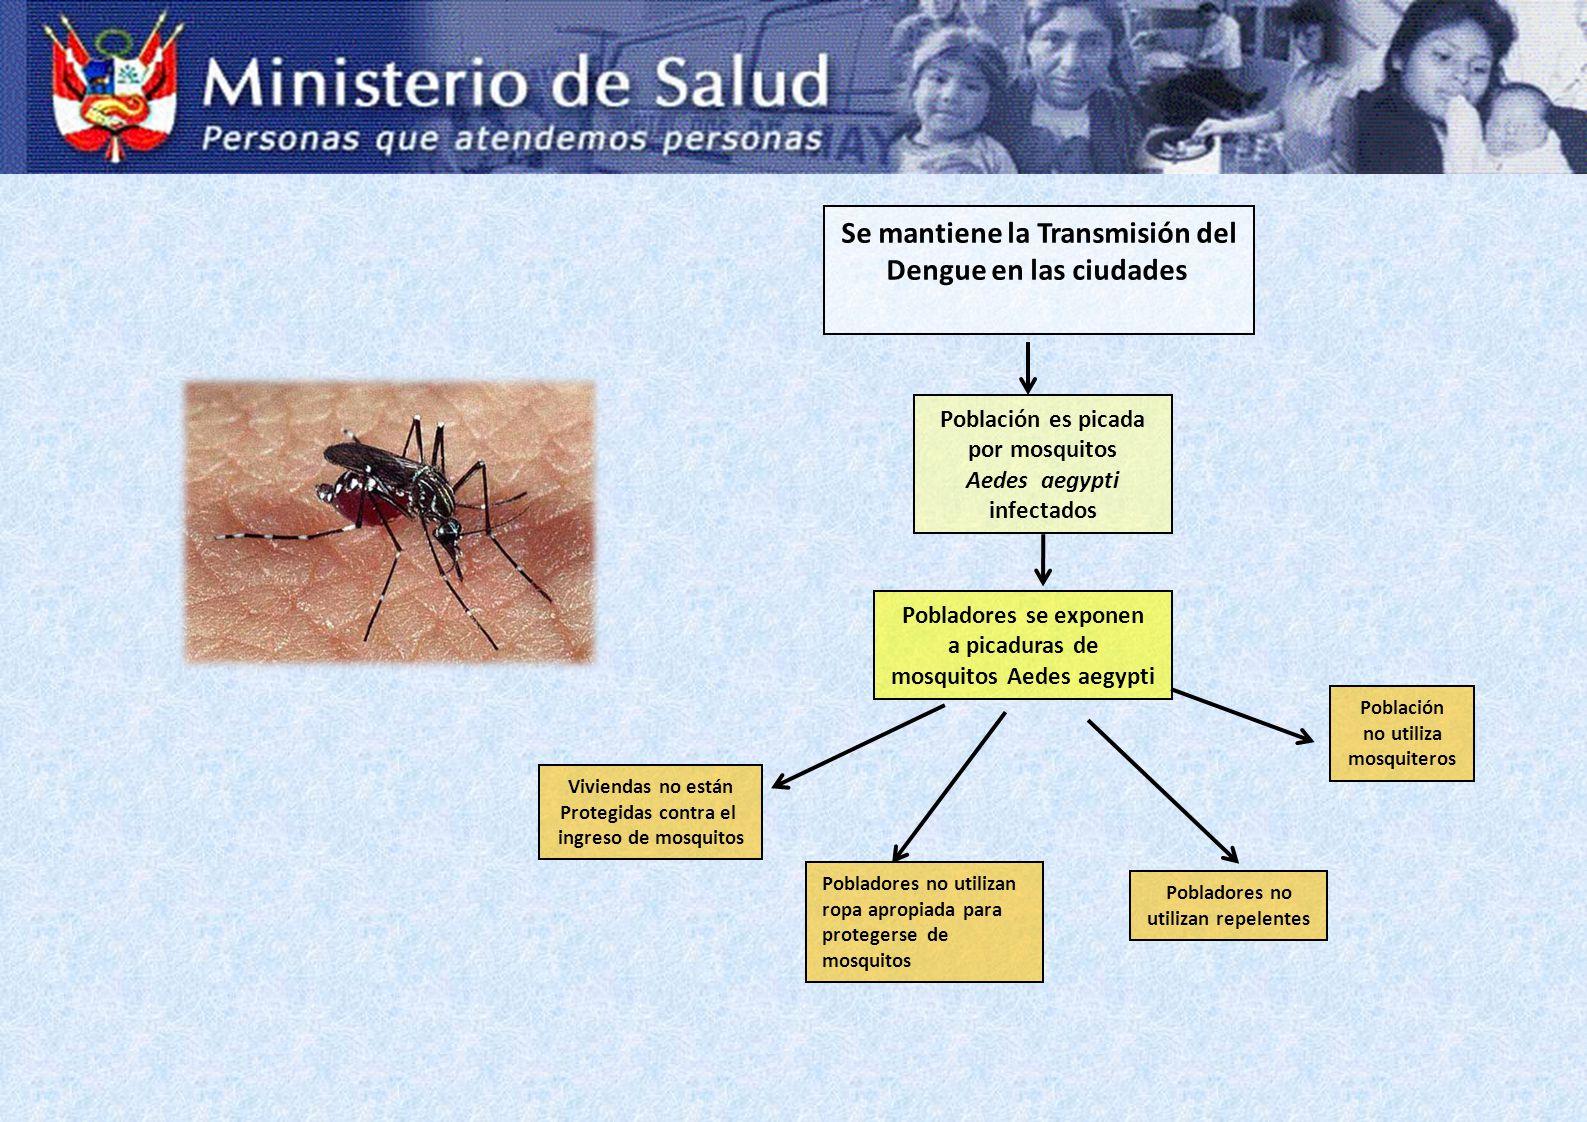 Se mantiene la Transmisión del Dengue en las ciudades